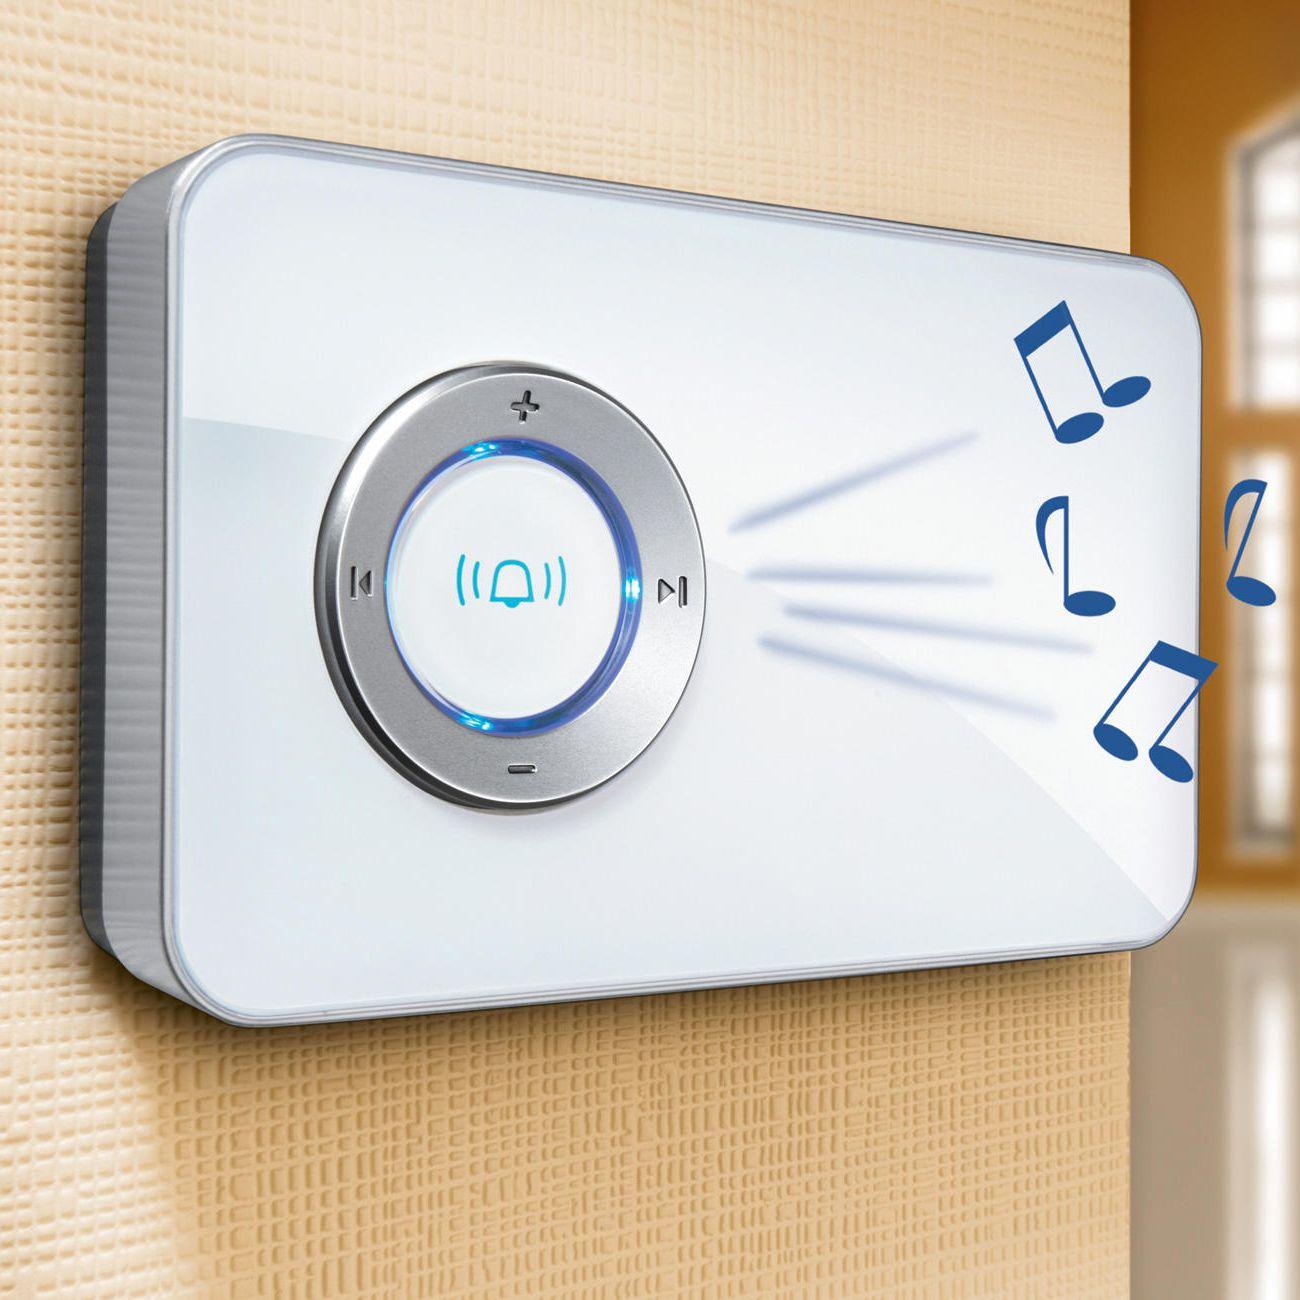 Wireless doorbell on the door